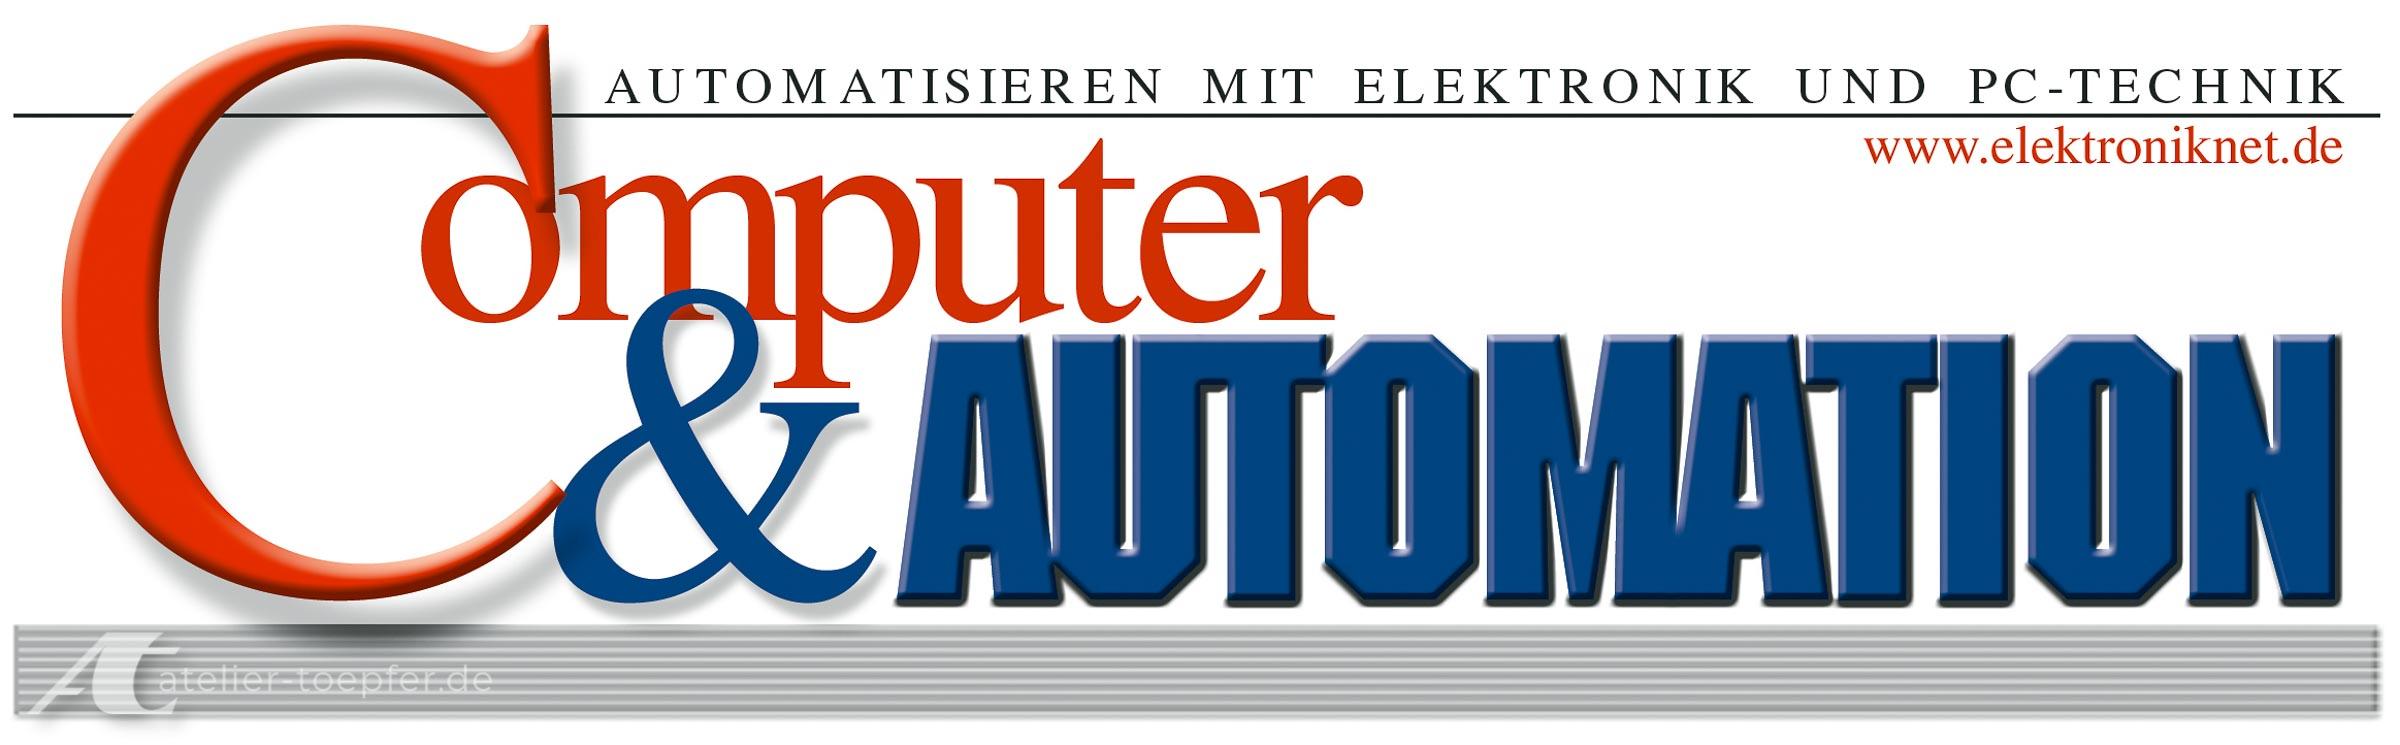 Zeitschrift Computer und Automation Titel Kopf